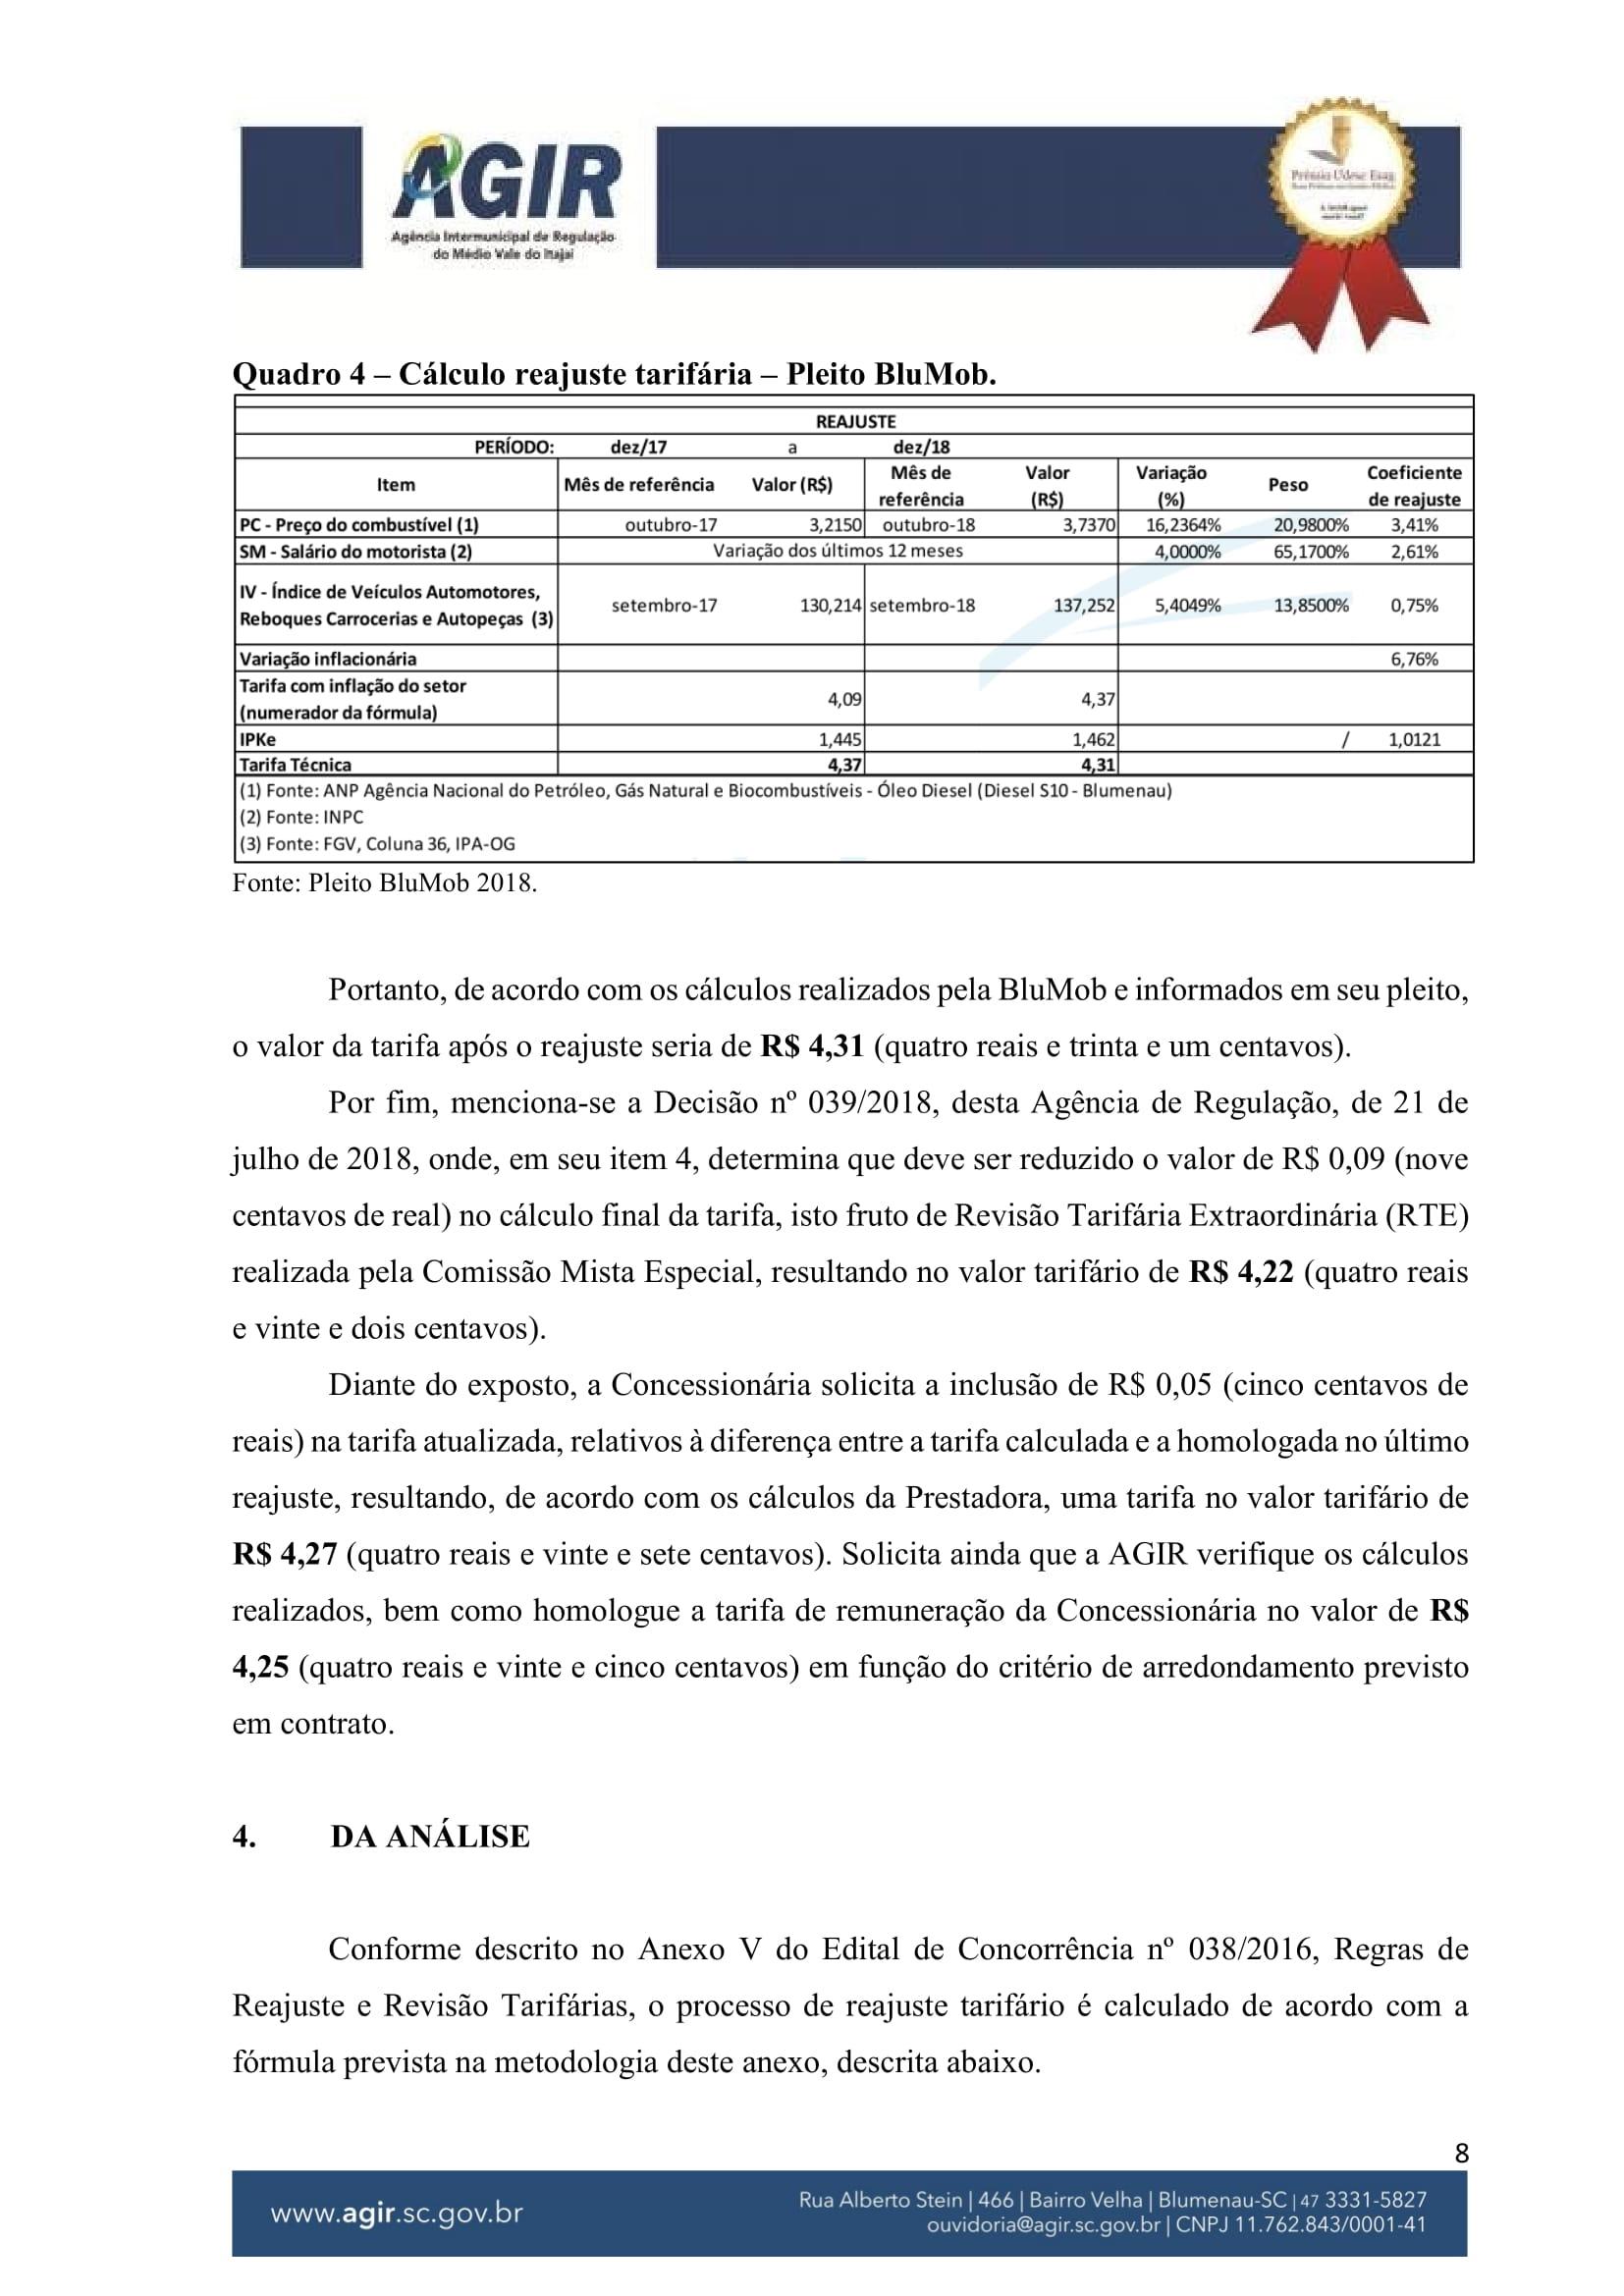 Parecer Administrativo nº 70-2018-08